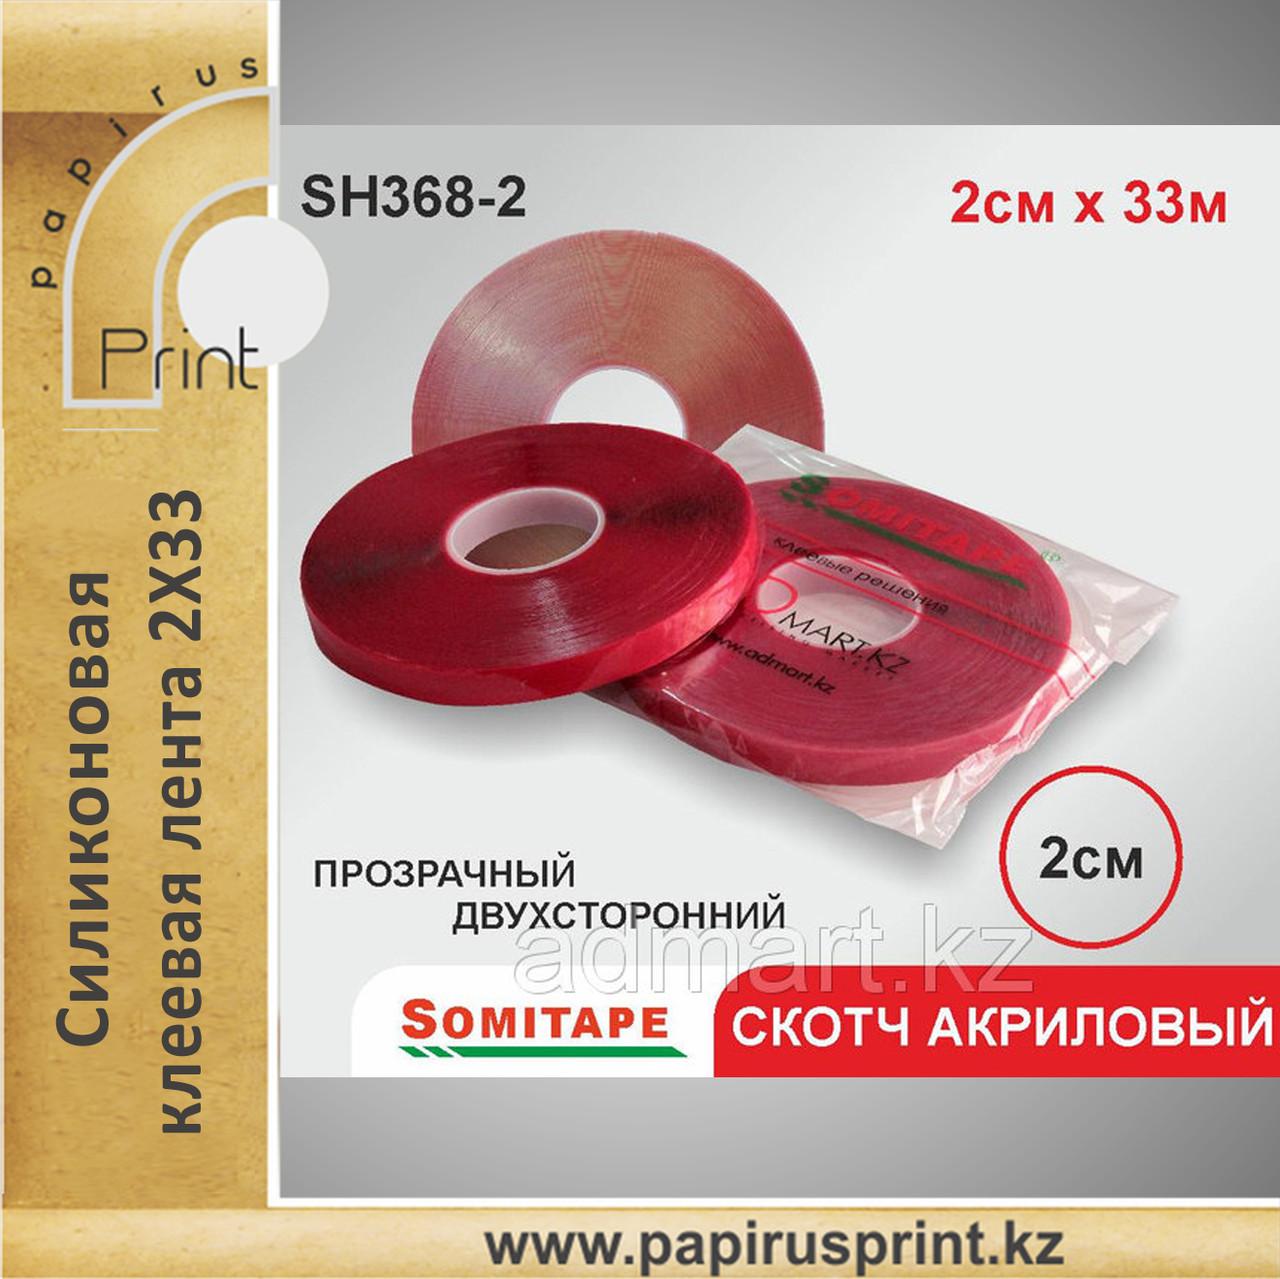 Силиконовый скотч на основе акрила 2Х33 прозрачный